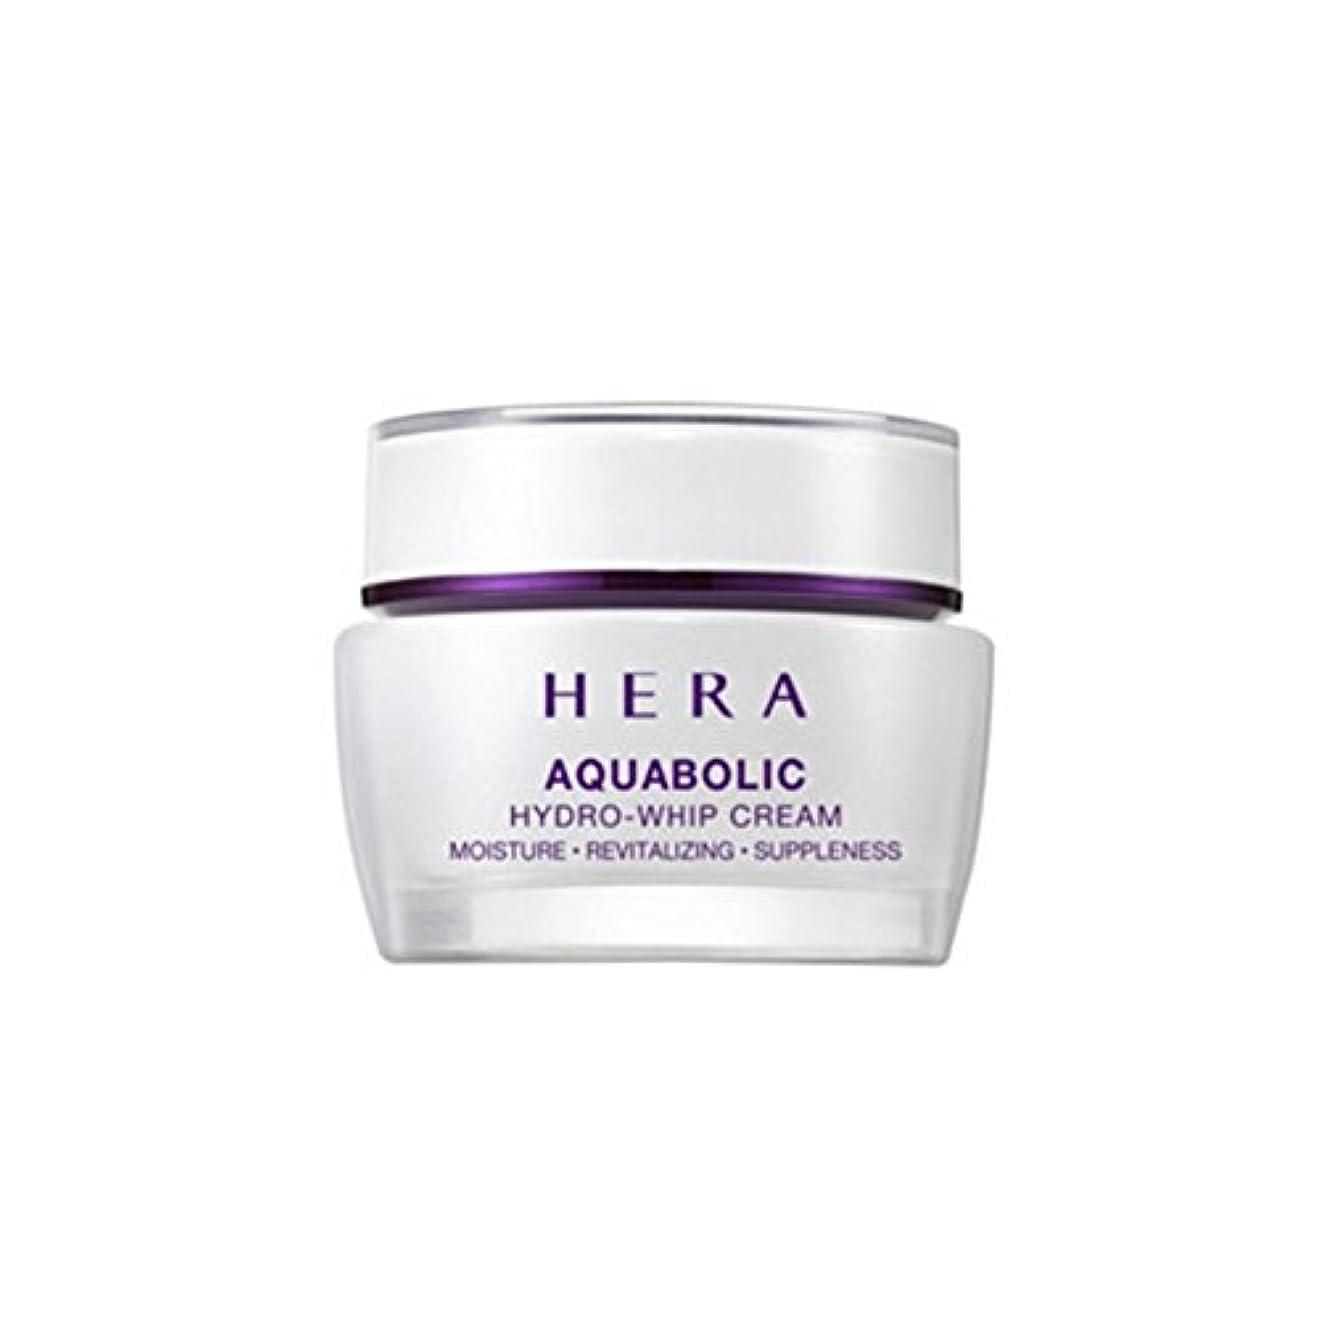 通信する怠そのような(ヘラ) HERA Aquabolic Hydro-Whip Cream アクアボリックハイドロホイップ クリーム (韓国直発送) oopspanda